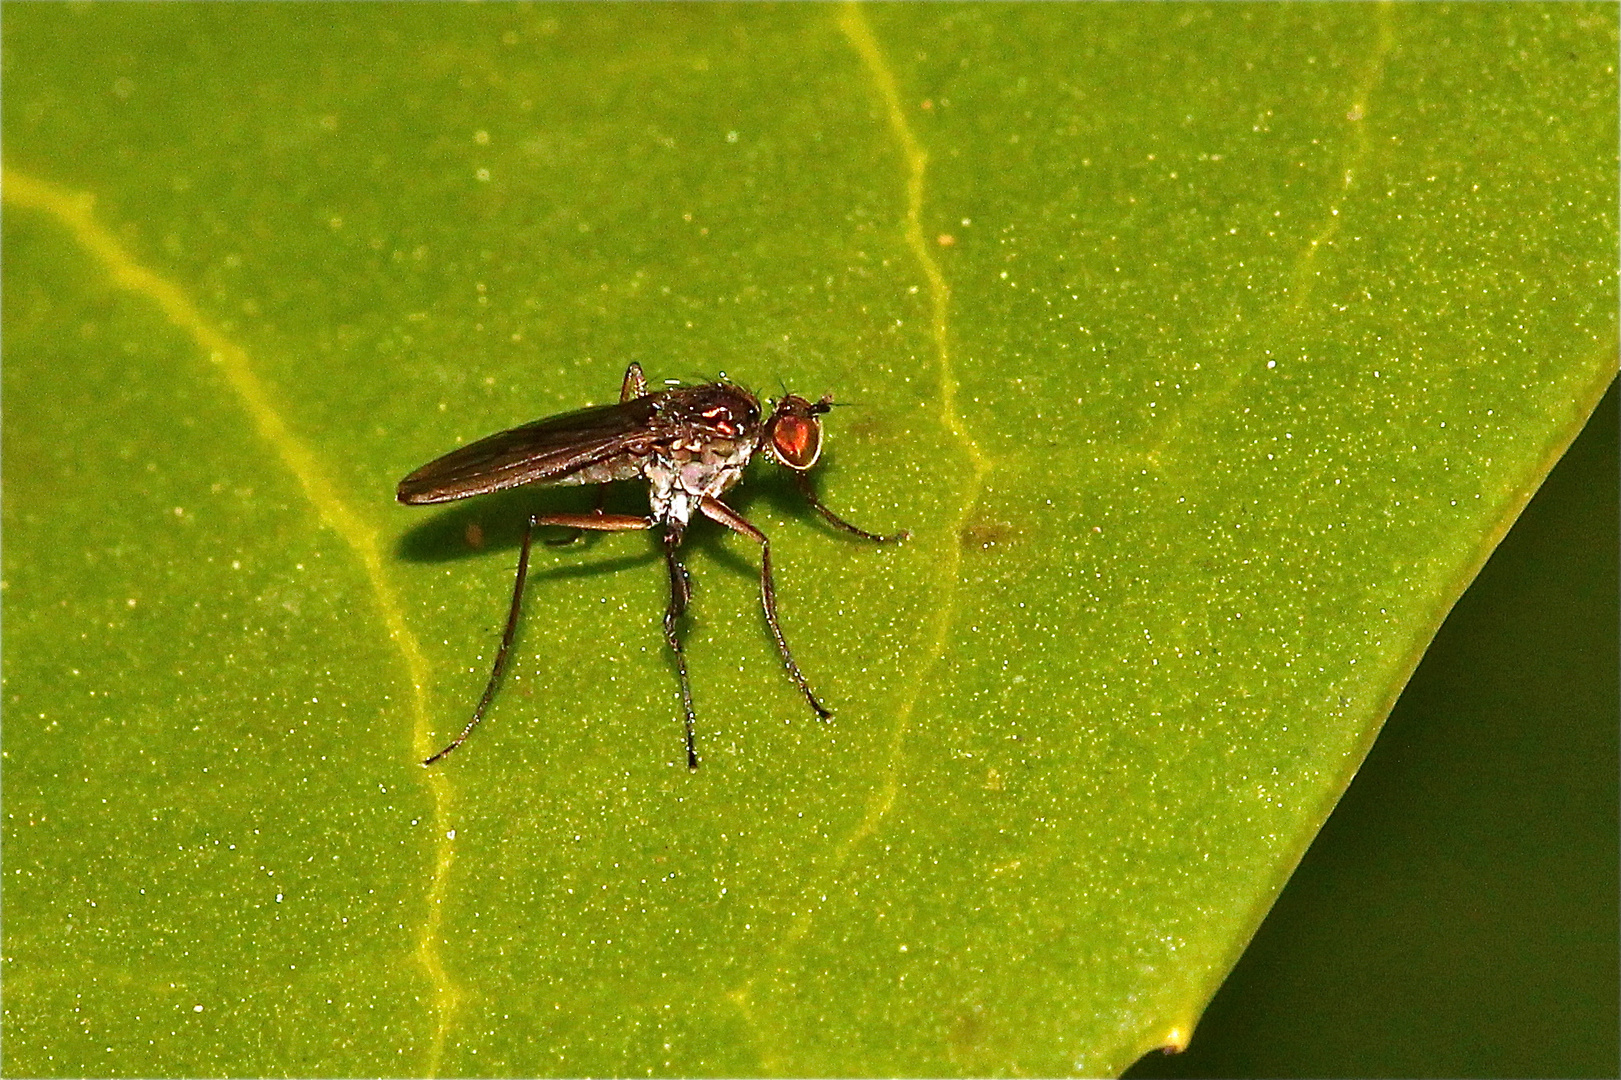 Auch diese etwa 8 mm lange Langbeinfliege sonnt sich ab heute auf den Blättern . . .